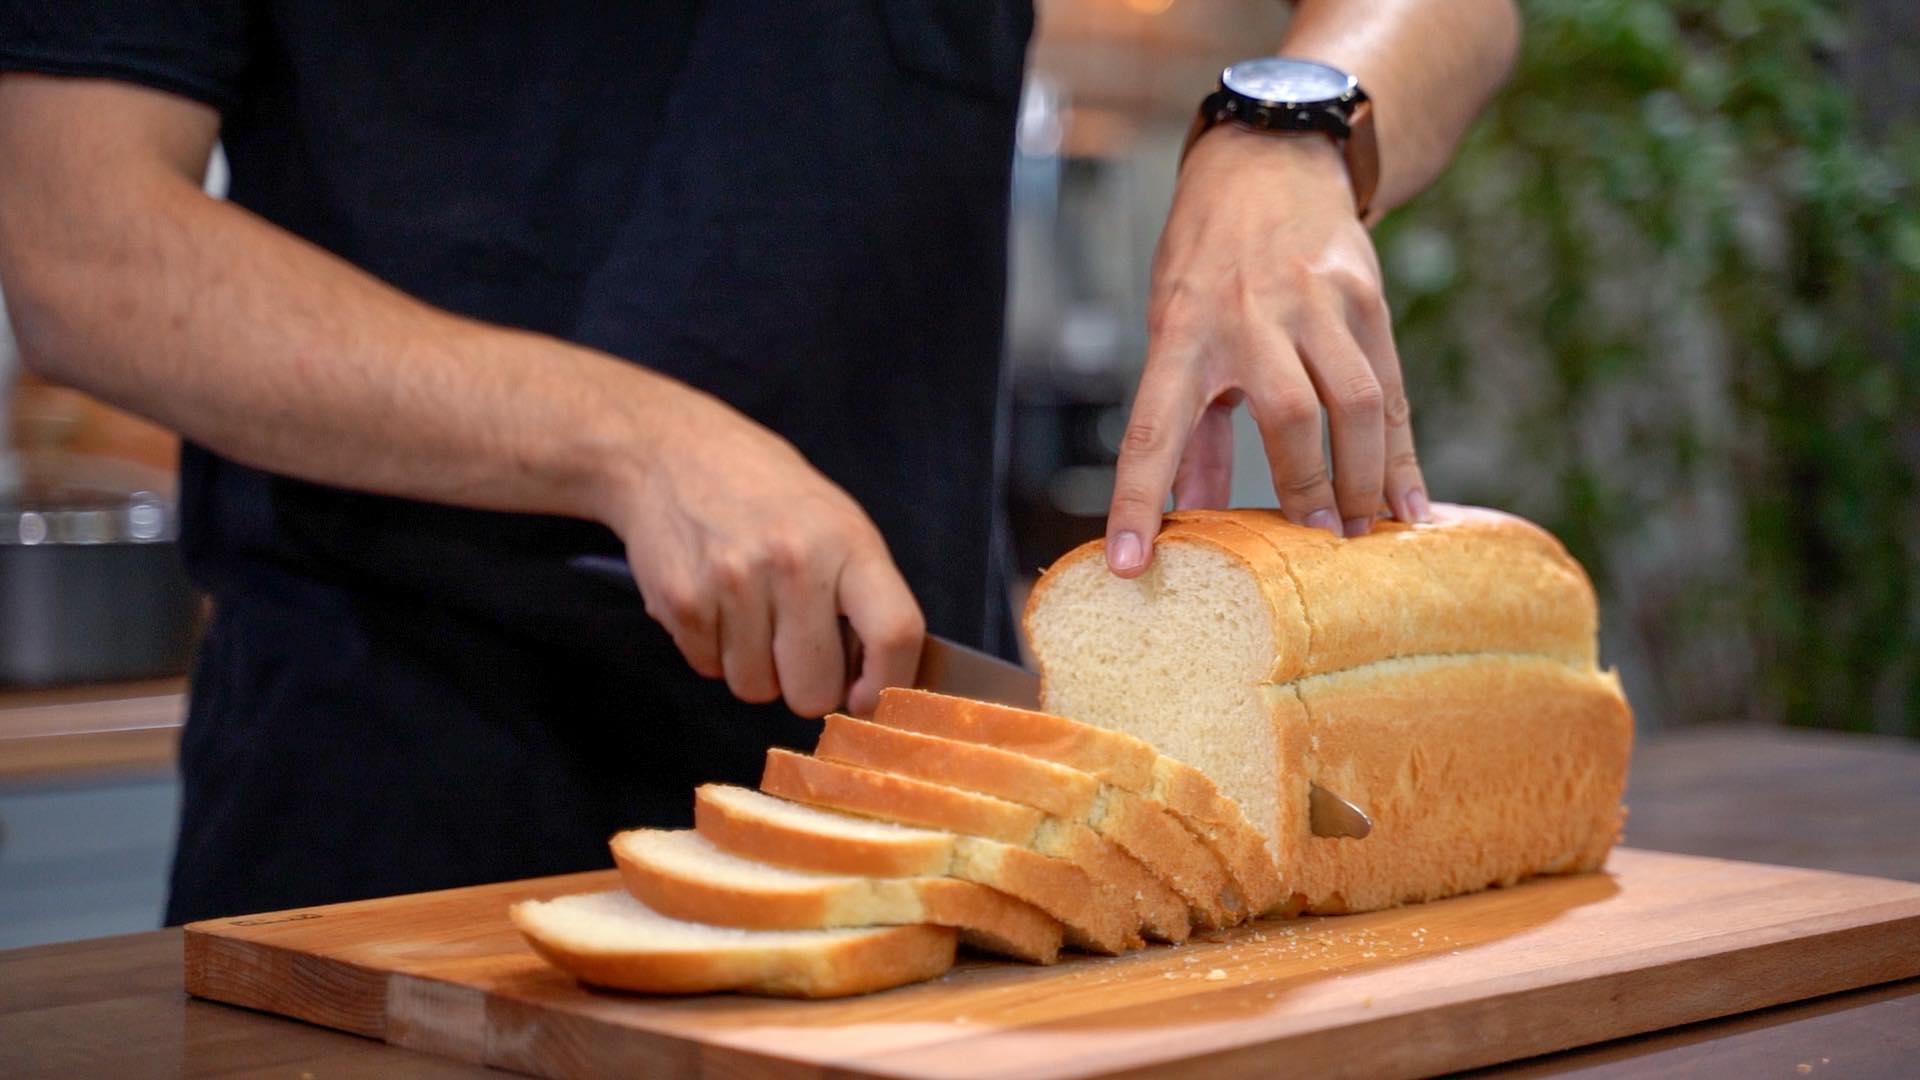 σπιτικο-ψωμί του τοστ-συνταγή-